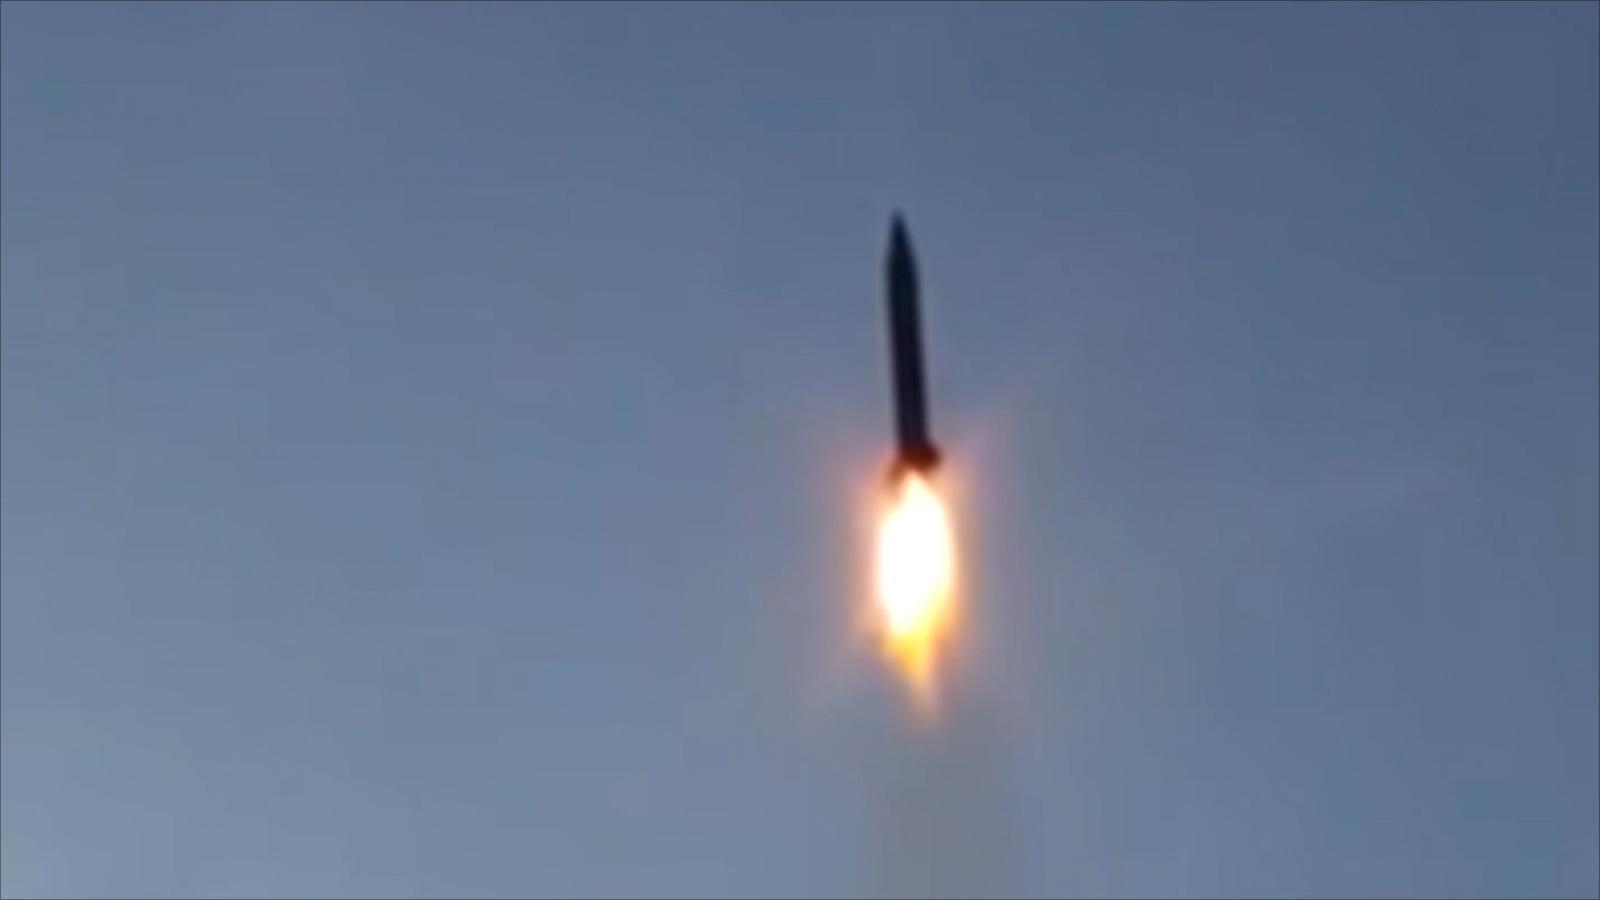 السعودية: اعتراض صواريخ قادمة من اليمن في الرياض